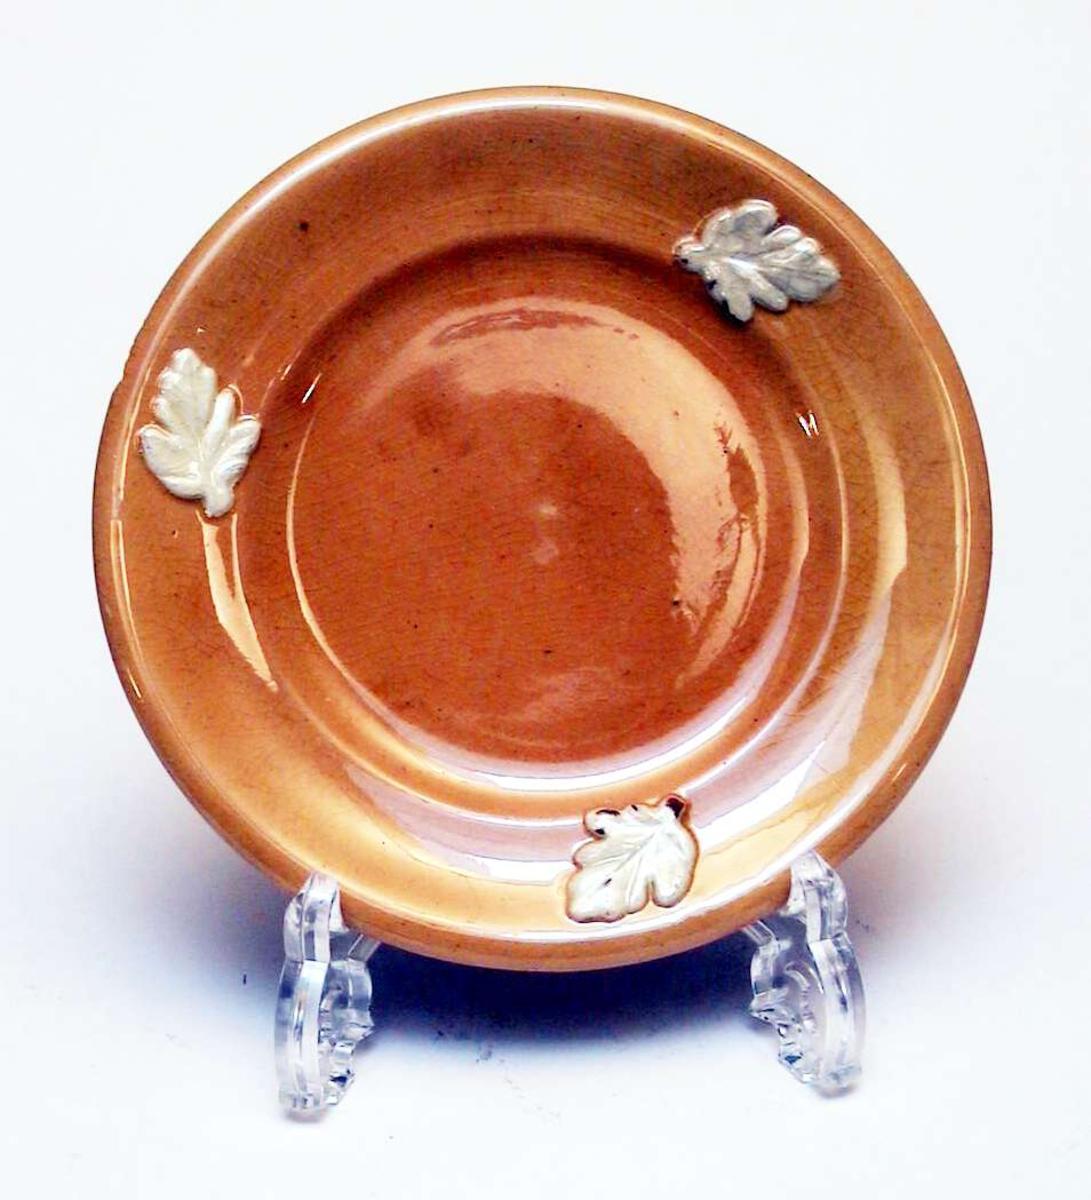 Gul asjett som er dekorert med tre påsatte, elfenbensfargete blader. Det er slått skår av asjetten. Asjetten har ingen produksjonsmerker.